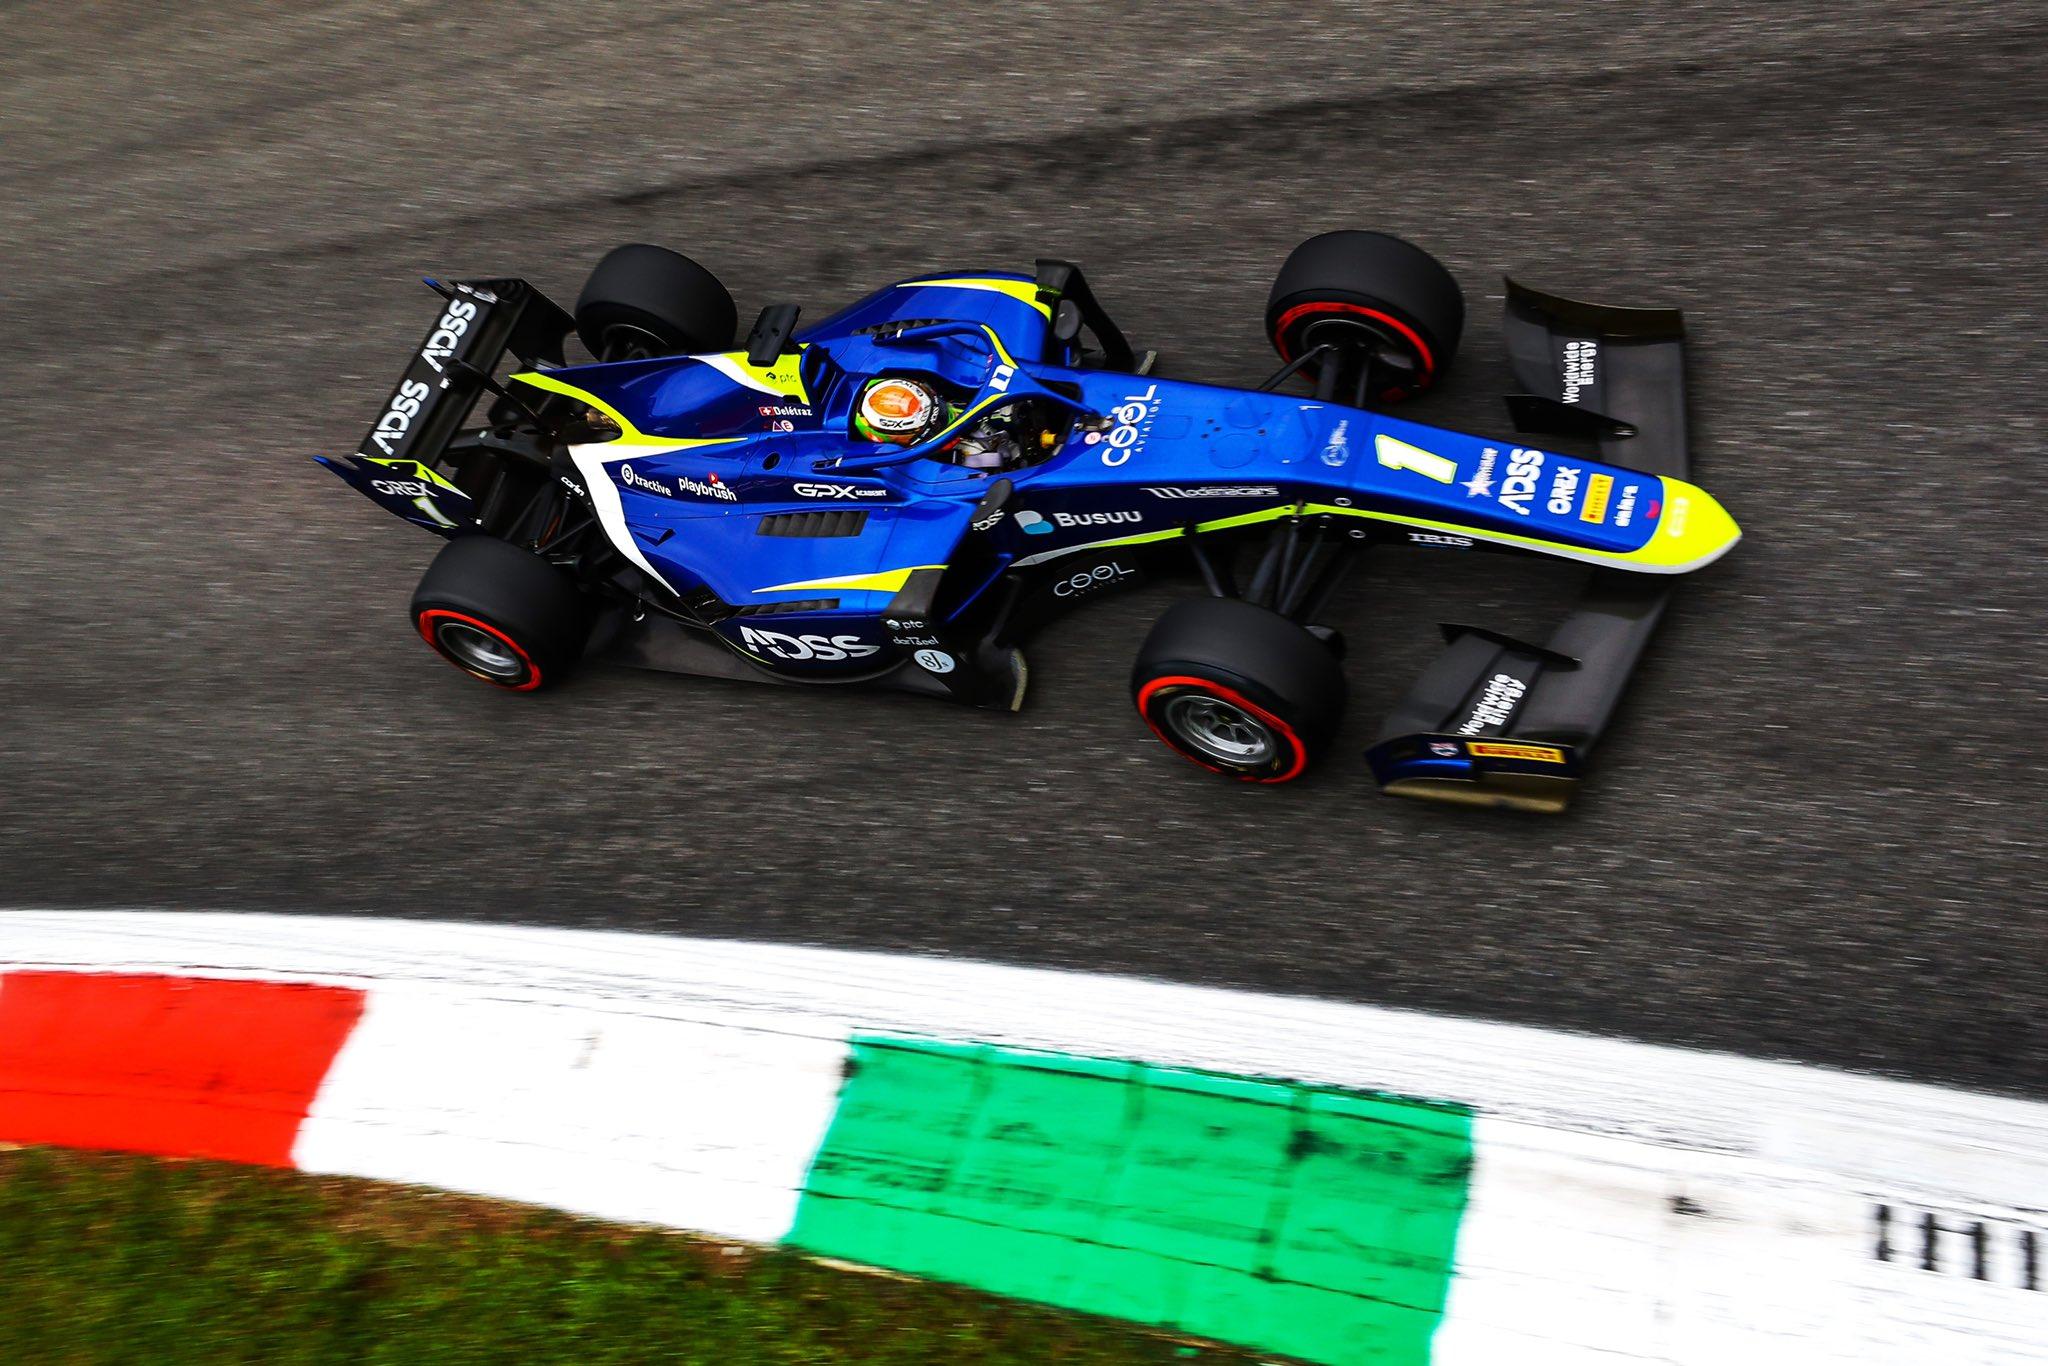 FIA F2 – GP d'Italie: Un point seulement pour Louis Delétraz, malheureux encore une fois.